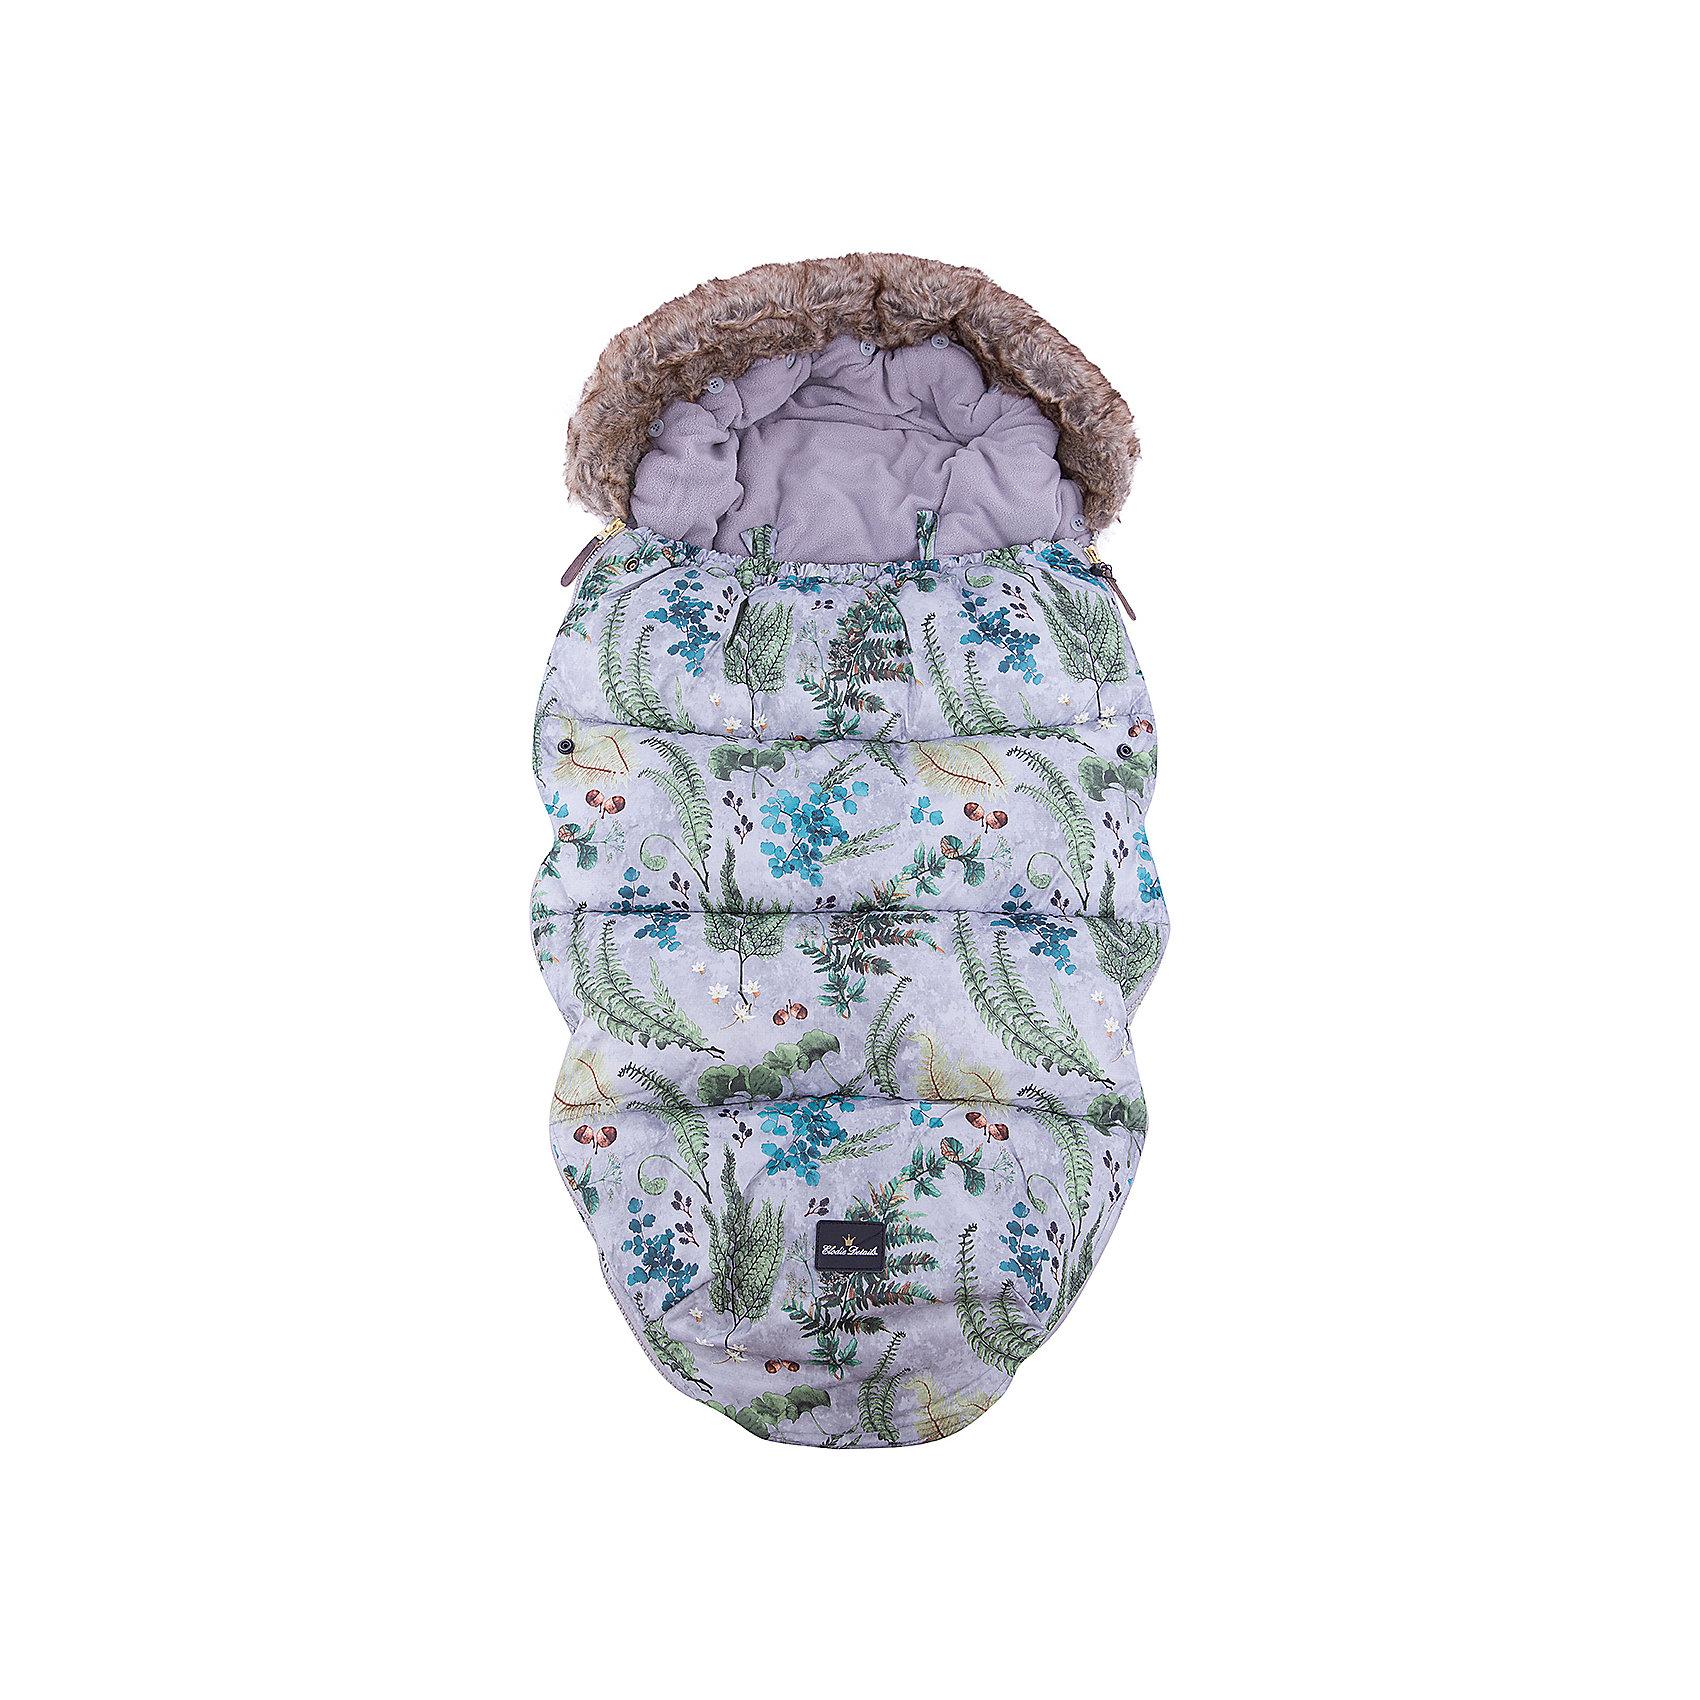 Конверт зимний с опушкой в коляску Forest Flora, Elodie DetailsКонверт зимний с опушкой в коляску Forest Flora, Elodie Details.<br><br>Характеристики:<br><br>• Сезон: зима для температуры до -25 °C<br>• Цвет: серая пастель с флористическим принтом.<br>• Материал верха: 60% вискоза, 40% полиуретан.<br>• Утеплитель: холлофайбер.<br>• Материал подклада: флис.<br>• Оторочка из искусственного меха Colar.<br>• Тип застежки: молния.<br><br>Размер:<br>- длина 110см;<br>- ширина 53см.<br><br>Конверт зимний с опушкой в коляску Forest Flora, Elodie Details–это новинка от шведского бренда Elodie Details. Теплый, легкий и удобный, он обеспечит вашему малышу оптимальный комфорт и тепло. Покрытие конверта изготовлено по новейшей технологии BIONIC-FINISH® ECO, благодаря чему надежно защищено от ветра, влаги и снега. Этот зимний конверт подходит к любому типу колясок. Верхняя часть конверта оторочена  искусственным мехом и может использоваться, как капюшон. Ножки ребенка остаются не зафиксированными. В качестве наполнителя в конверте использован  холлофайбер — инновационный, экологически чистый и гипоаллергенный материал, который обеспечивает качественное сохранение тепла. В конверте предусмотрены отверстия для 5-точечных ремней безопасности. Конверт зимний с опушкой в коляску Forest Flora, Elodie Details не требует специального ухода, его можно стирать в стиральной машине, используя указанный режим.<br>Зимние прогулки в таком конверте могут быть длительными и приятными!<br><br><br>Конверт зимний с опушкой в коляску Forest Flora, Elodie Details, можно купить в нашем интернет - магазине.<br><br>Ширина мм: 1100<br>Глубина мм: 530<br>Высота мм: 60<br>Вес г: 900<br>Возраст от месяцев: 0<br>Возраст до месяцев: 24<br>Пол: Унисекс<br>Возраст: Детский<br>SKU: 5077471